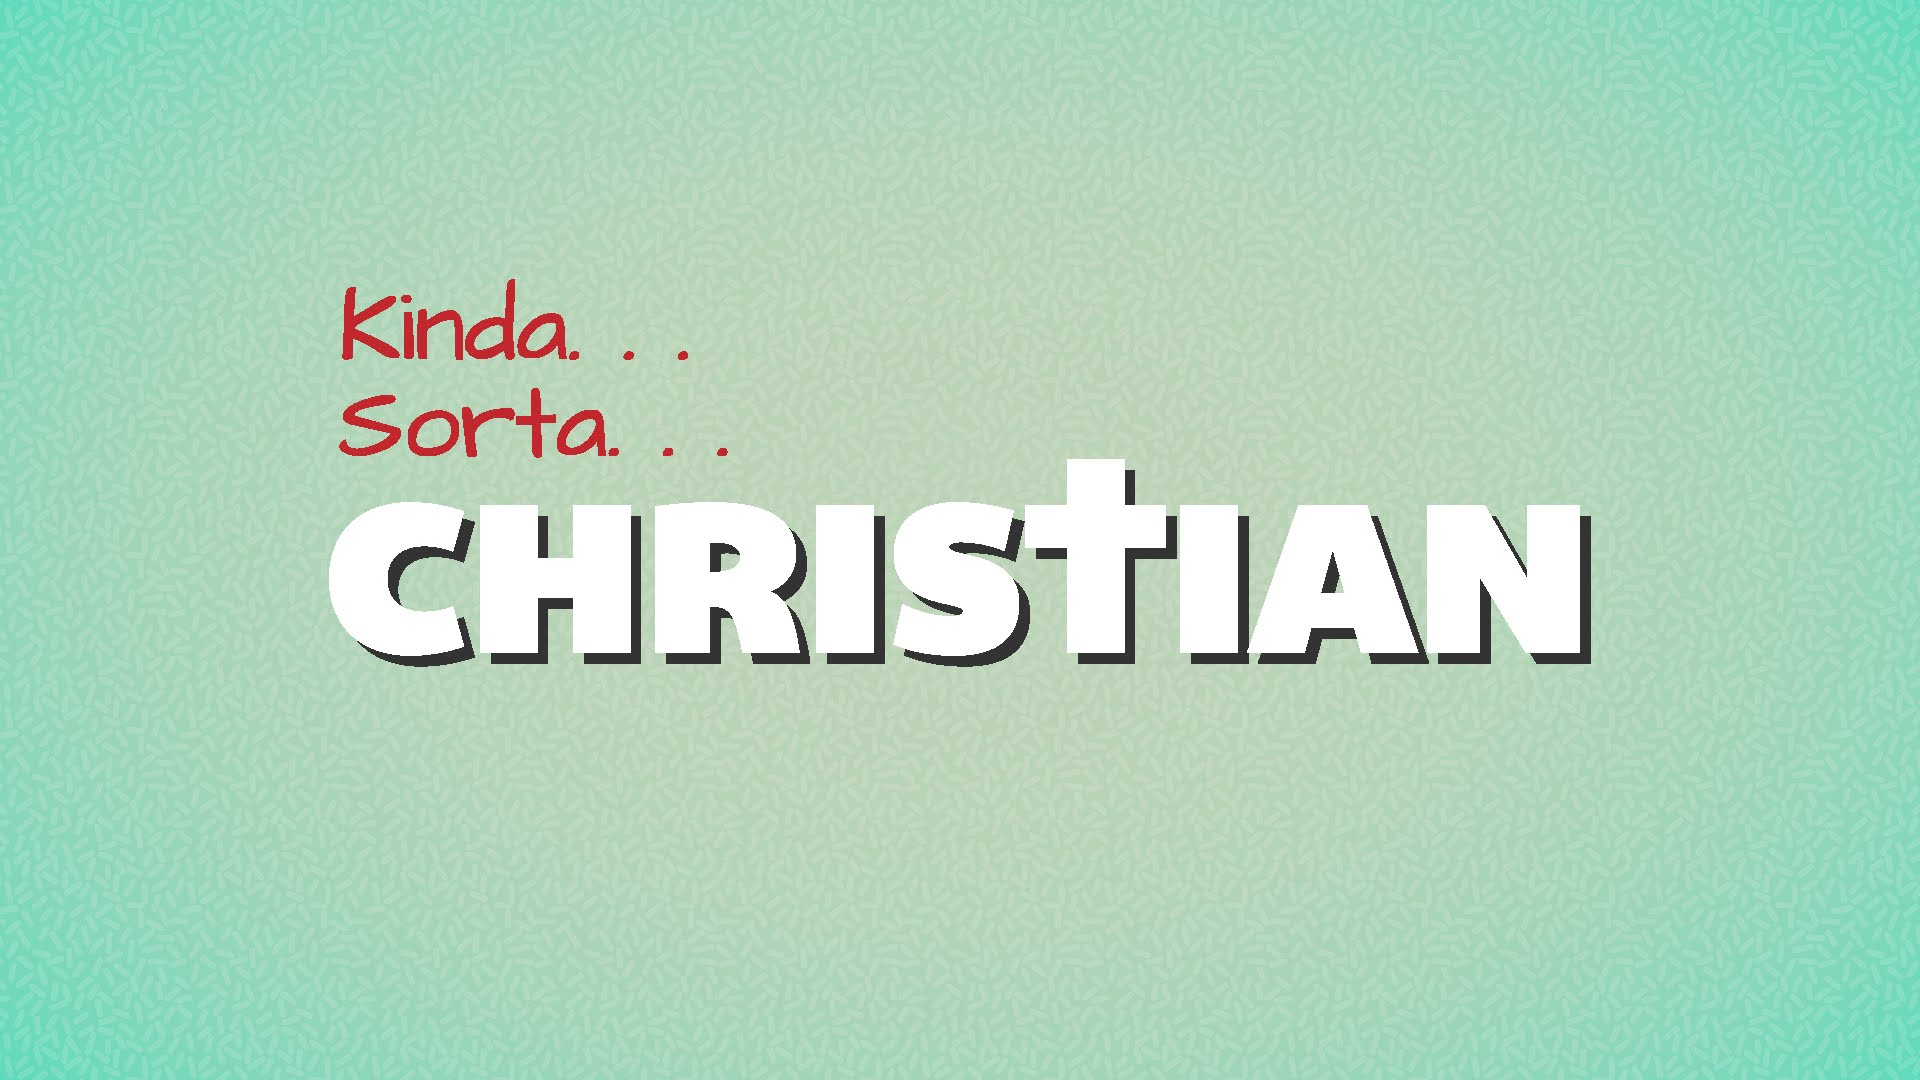 キンダソルタクリスチャン:私はキリスト教徒ですが、私は神を知らない